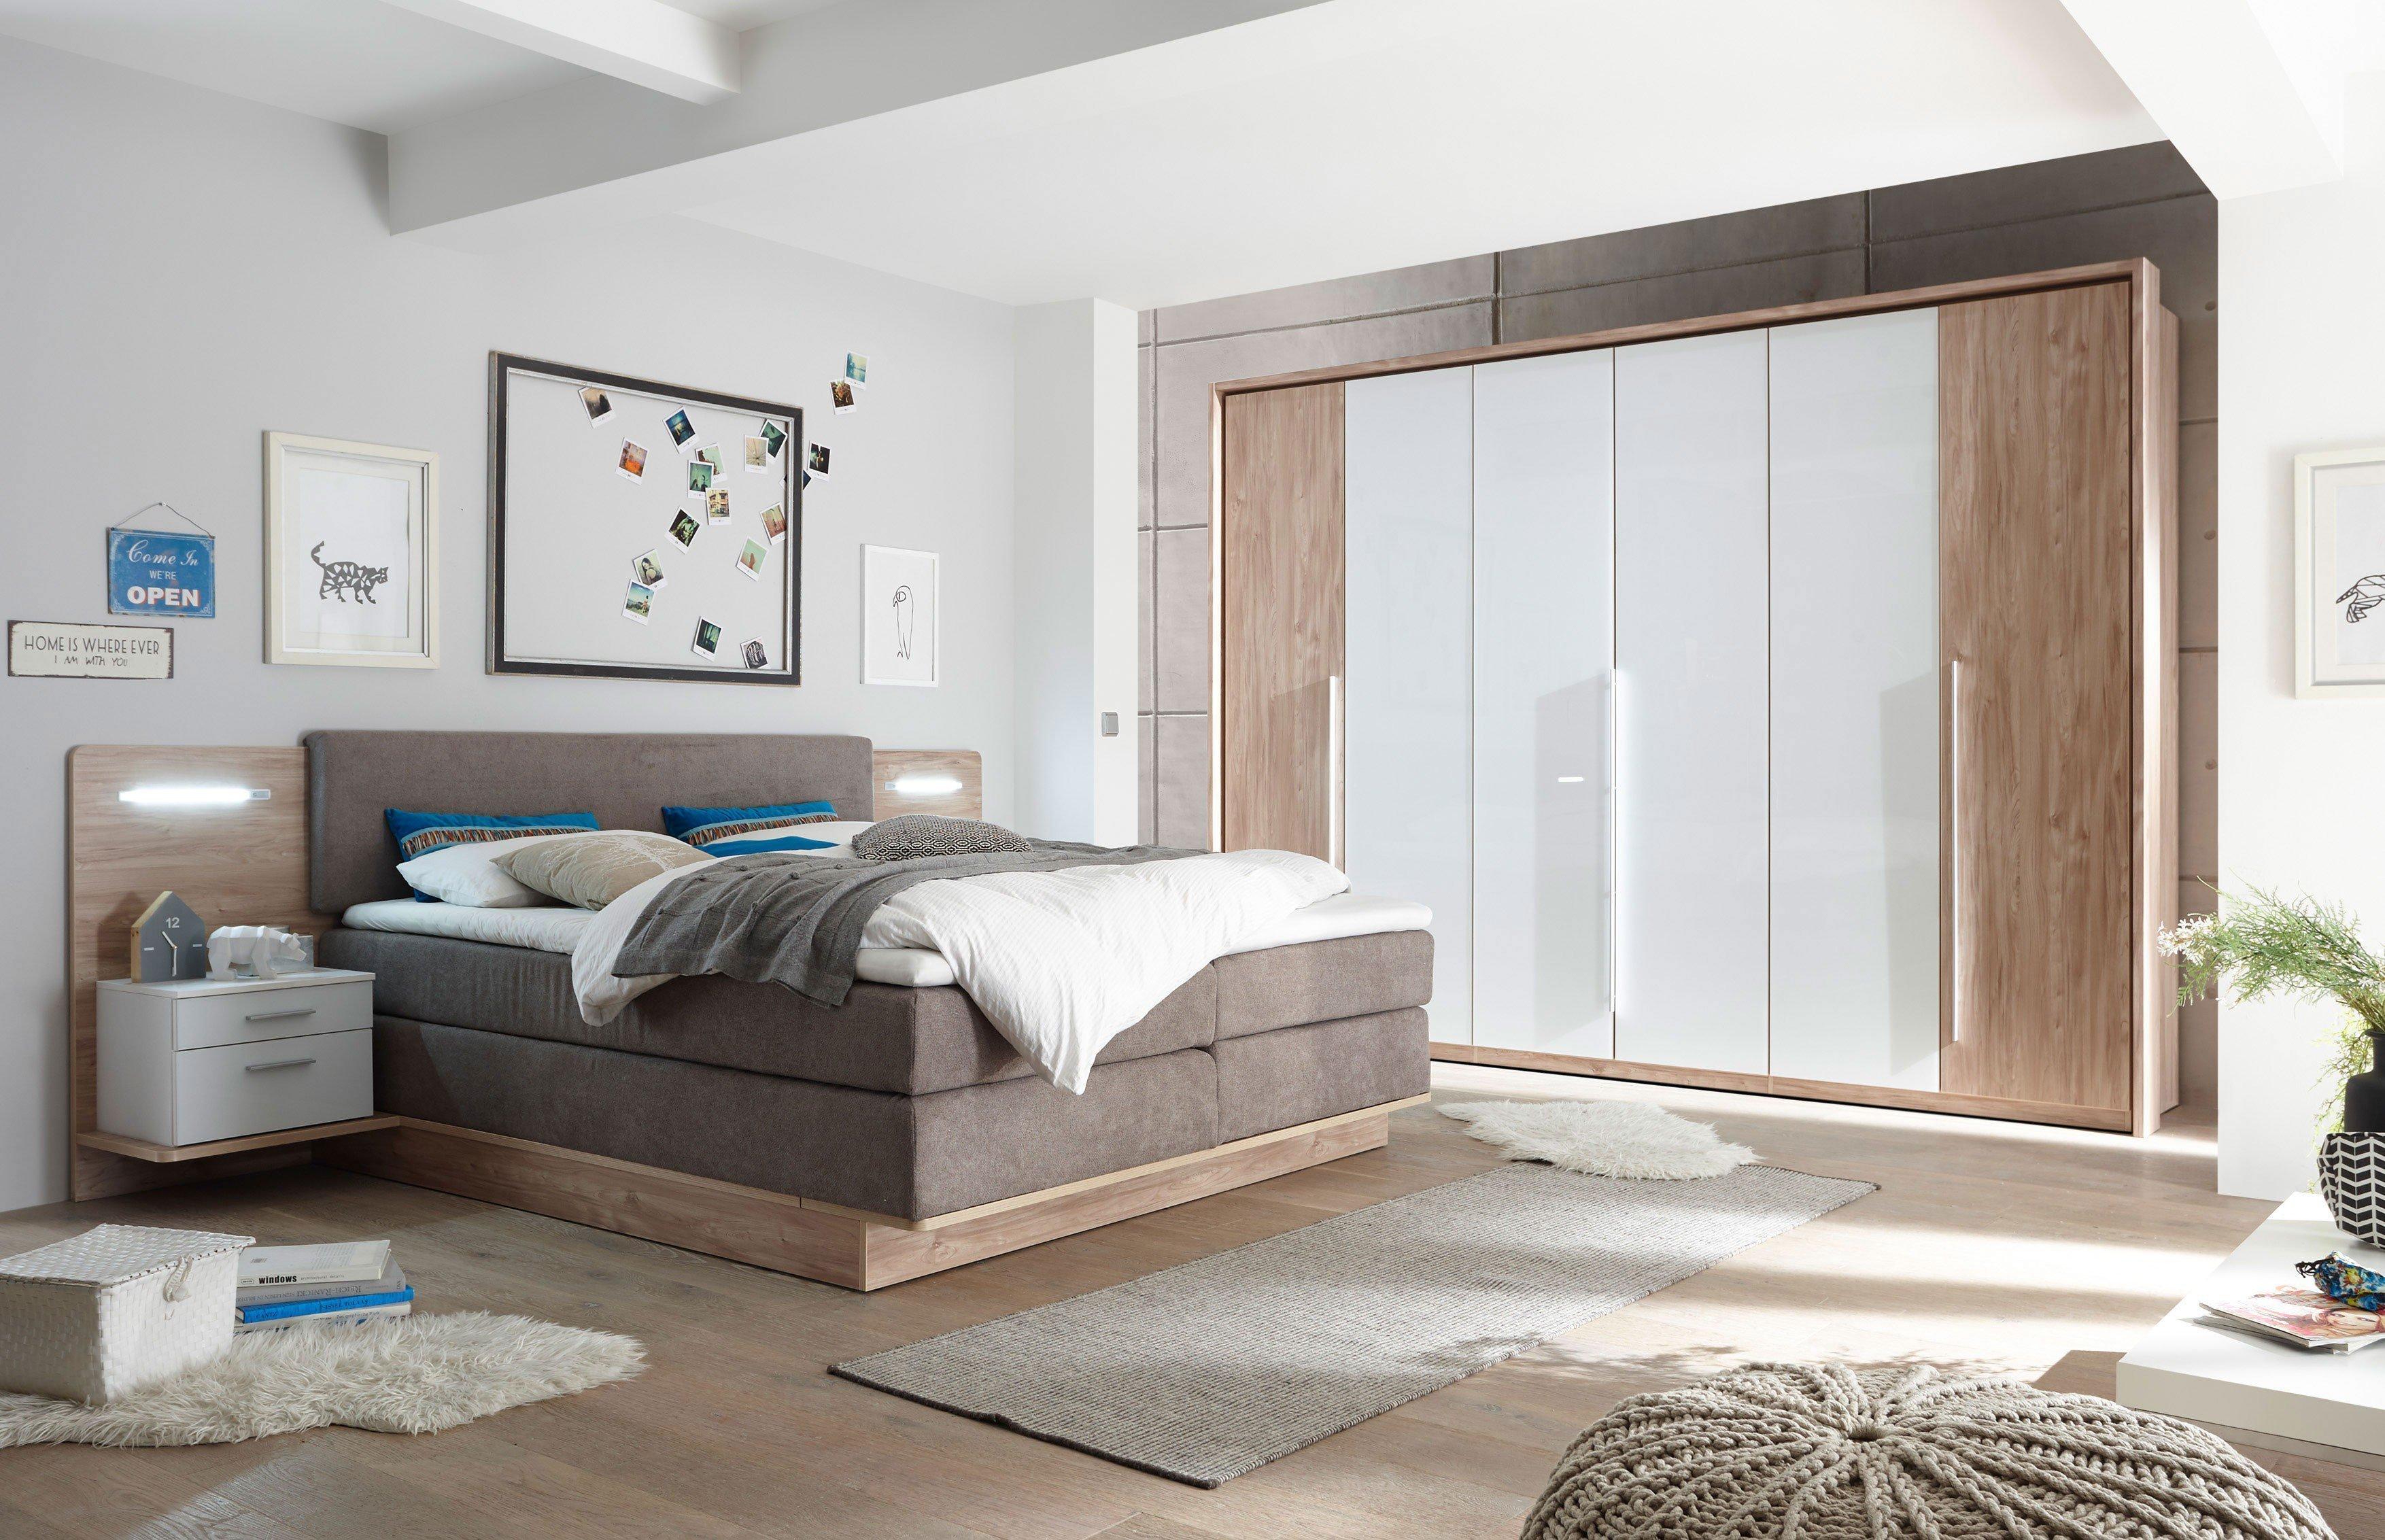 schlafkontor malibu komplett schlafzimmer m bel letz ihr online shop. Black Bedroom Furniture Sets. Home Design Ideas